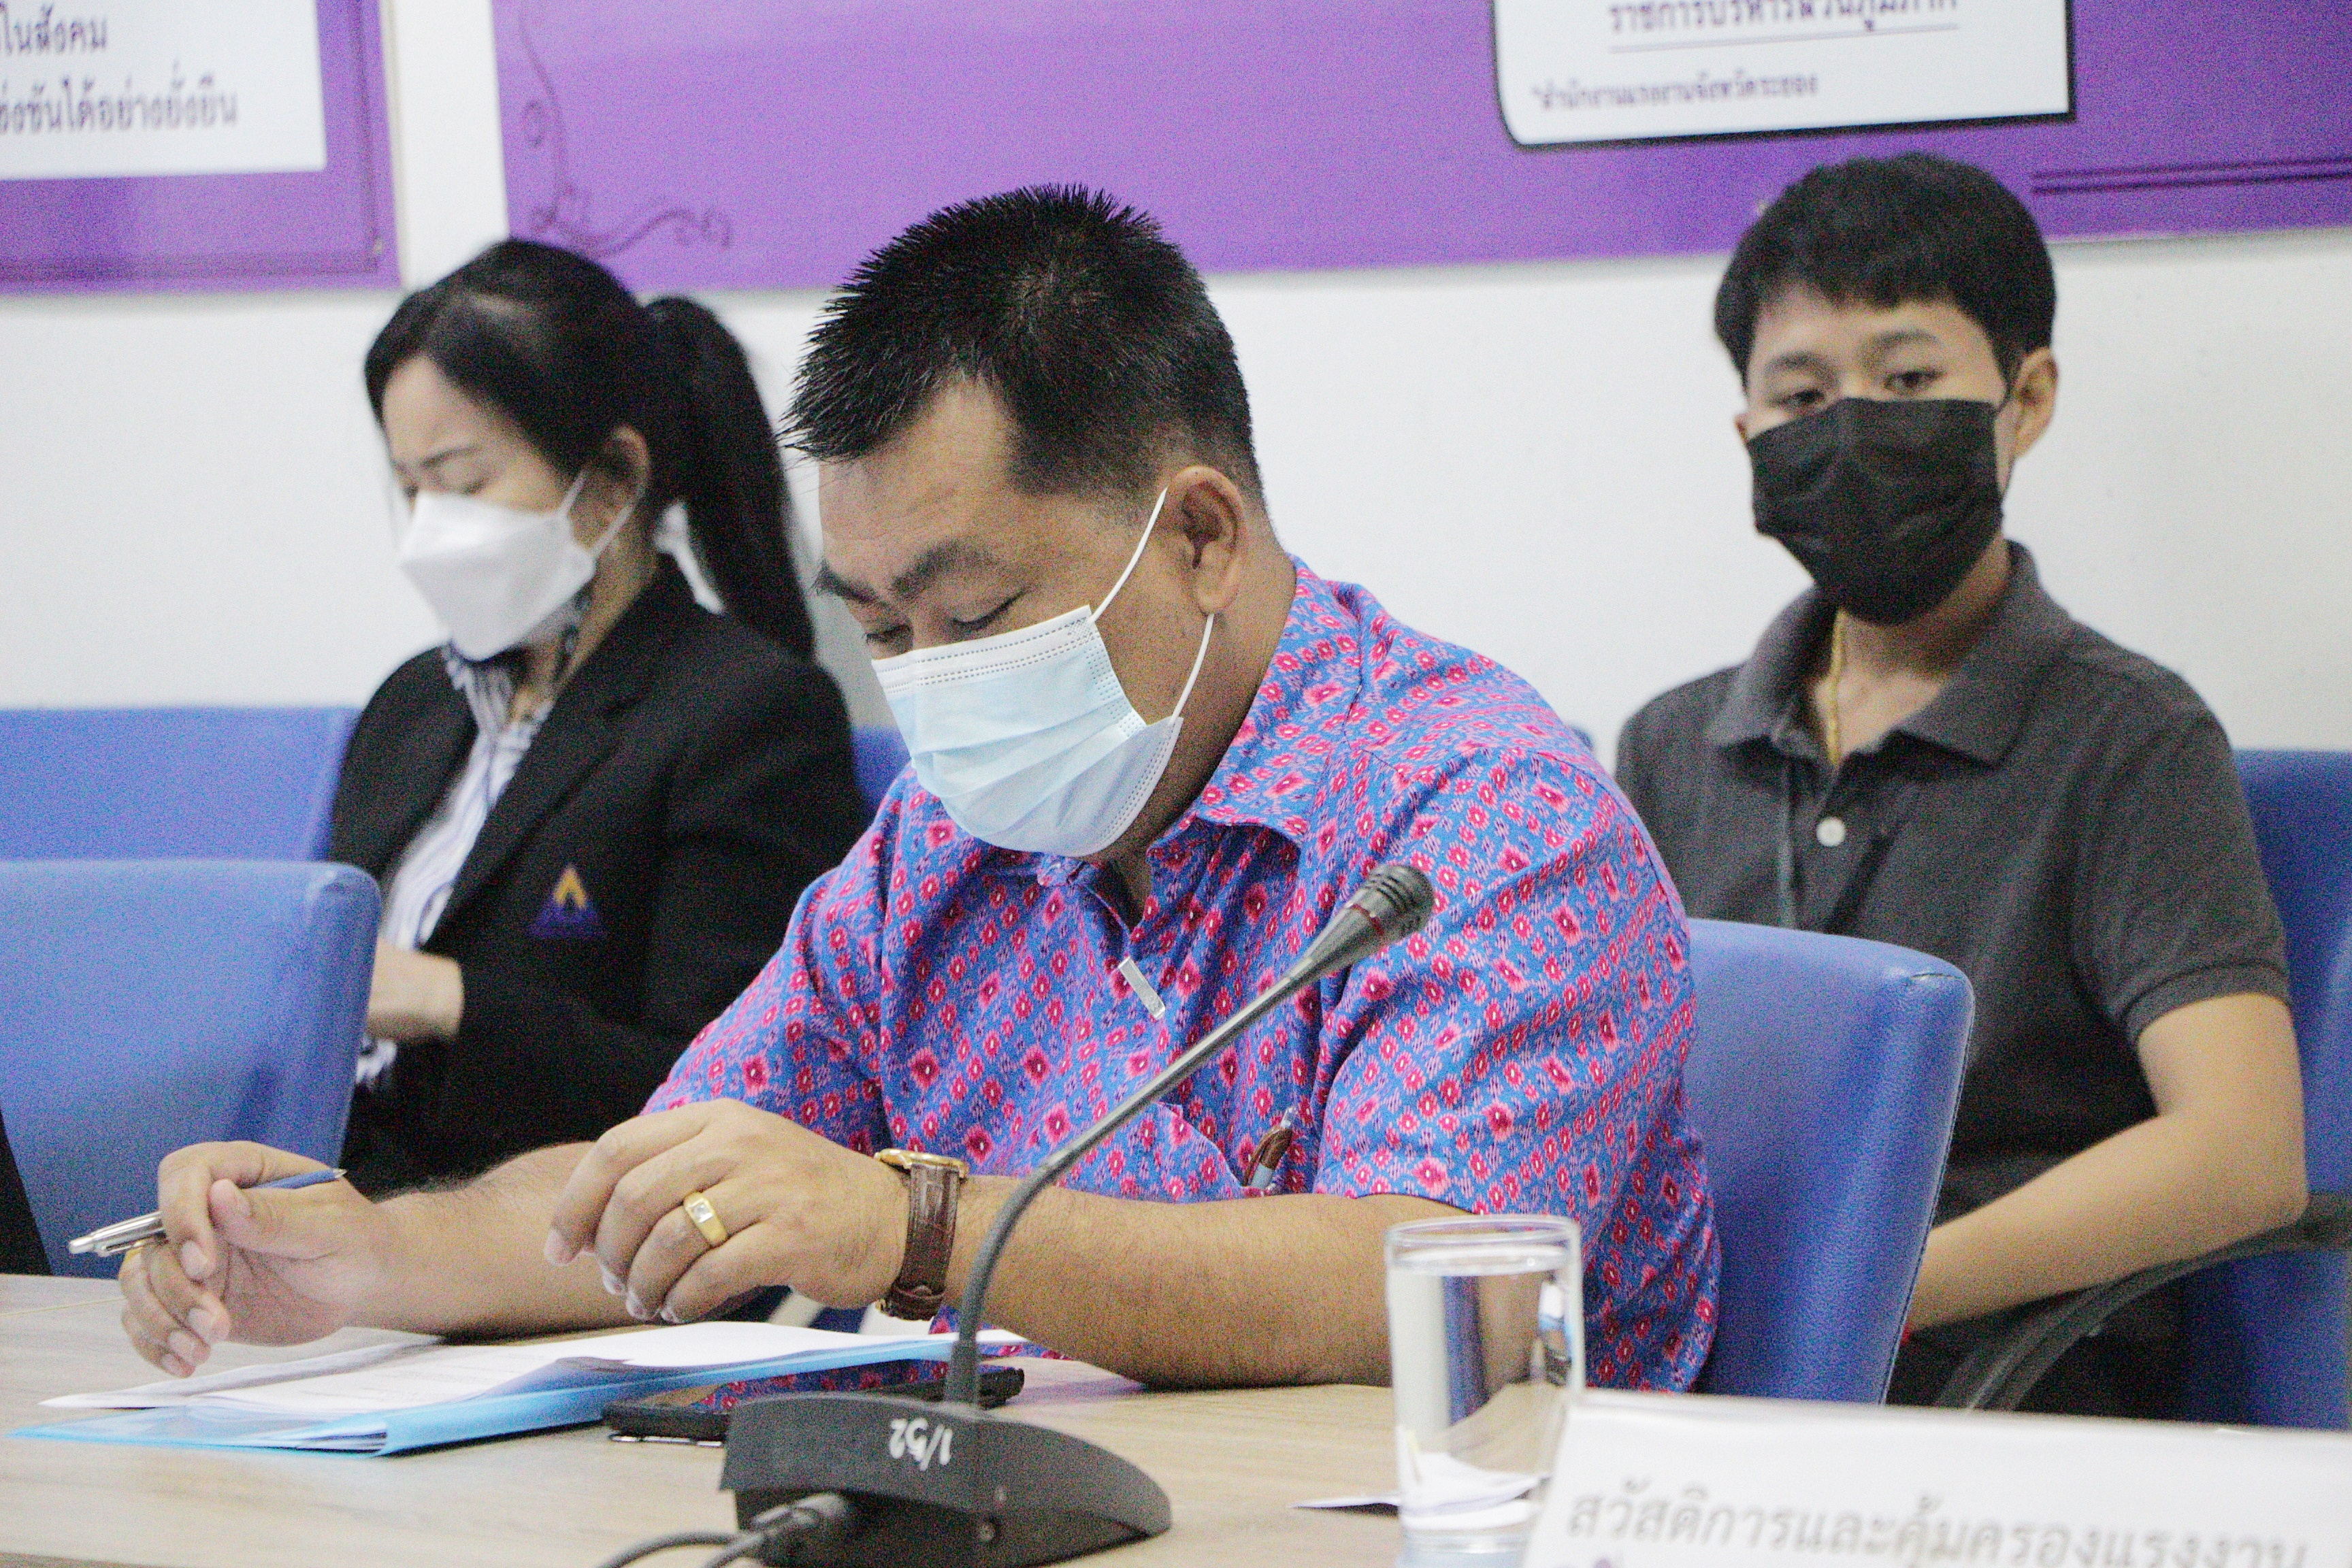 ประชุมจัดทำแผนปฏิบัติการด้านการป้องกันและแก้ไขปัญหาการค้ามนุษย์ด้านแรงงานจังหวัดระยอง ประจำปีงบประมาณ พ.ศ. 2565